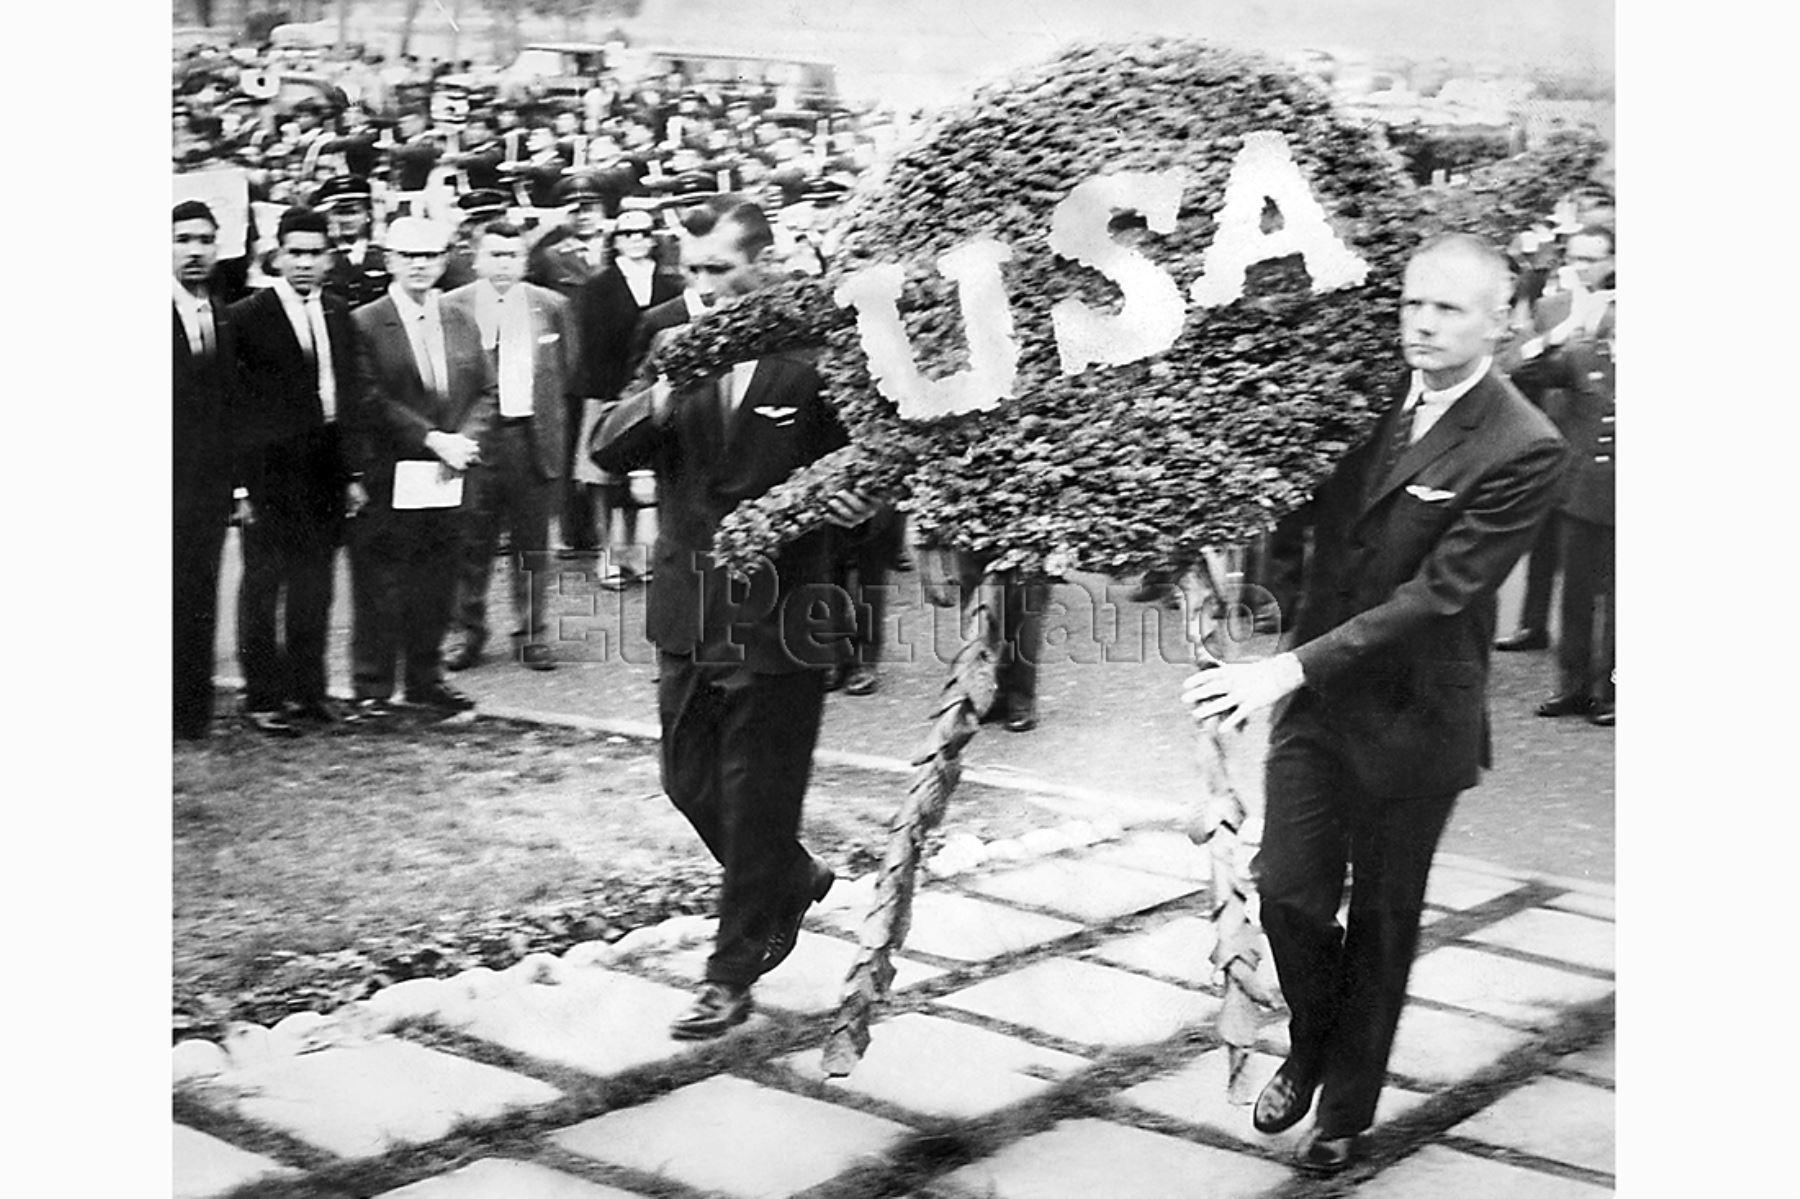 Lima - 13 octubre 1966 / Los astronautas norteamericanos Neil Armstrong y Richard Gordon rindieron homenaje al héroe de la aviación peruana Jorge Chávez colocando un arreglo floral al pie de su monumento cerca al Campo de Marte.